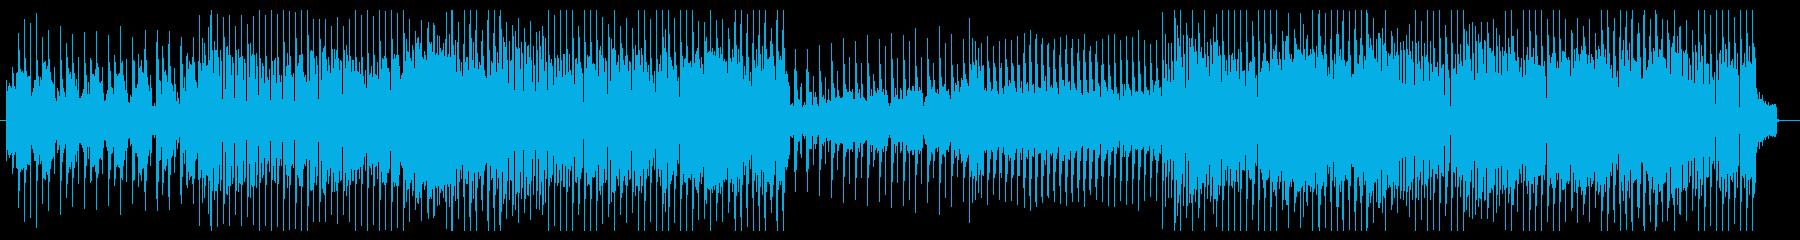 レトロな80年代風テクノサウンド8ビートの再生済みの波形